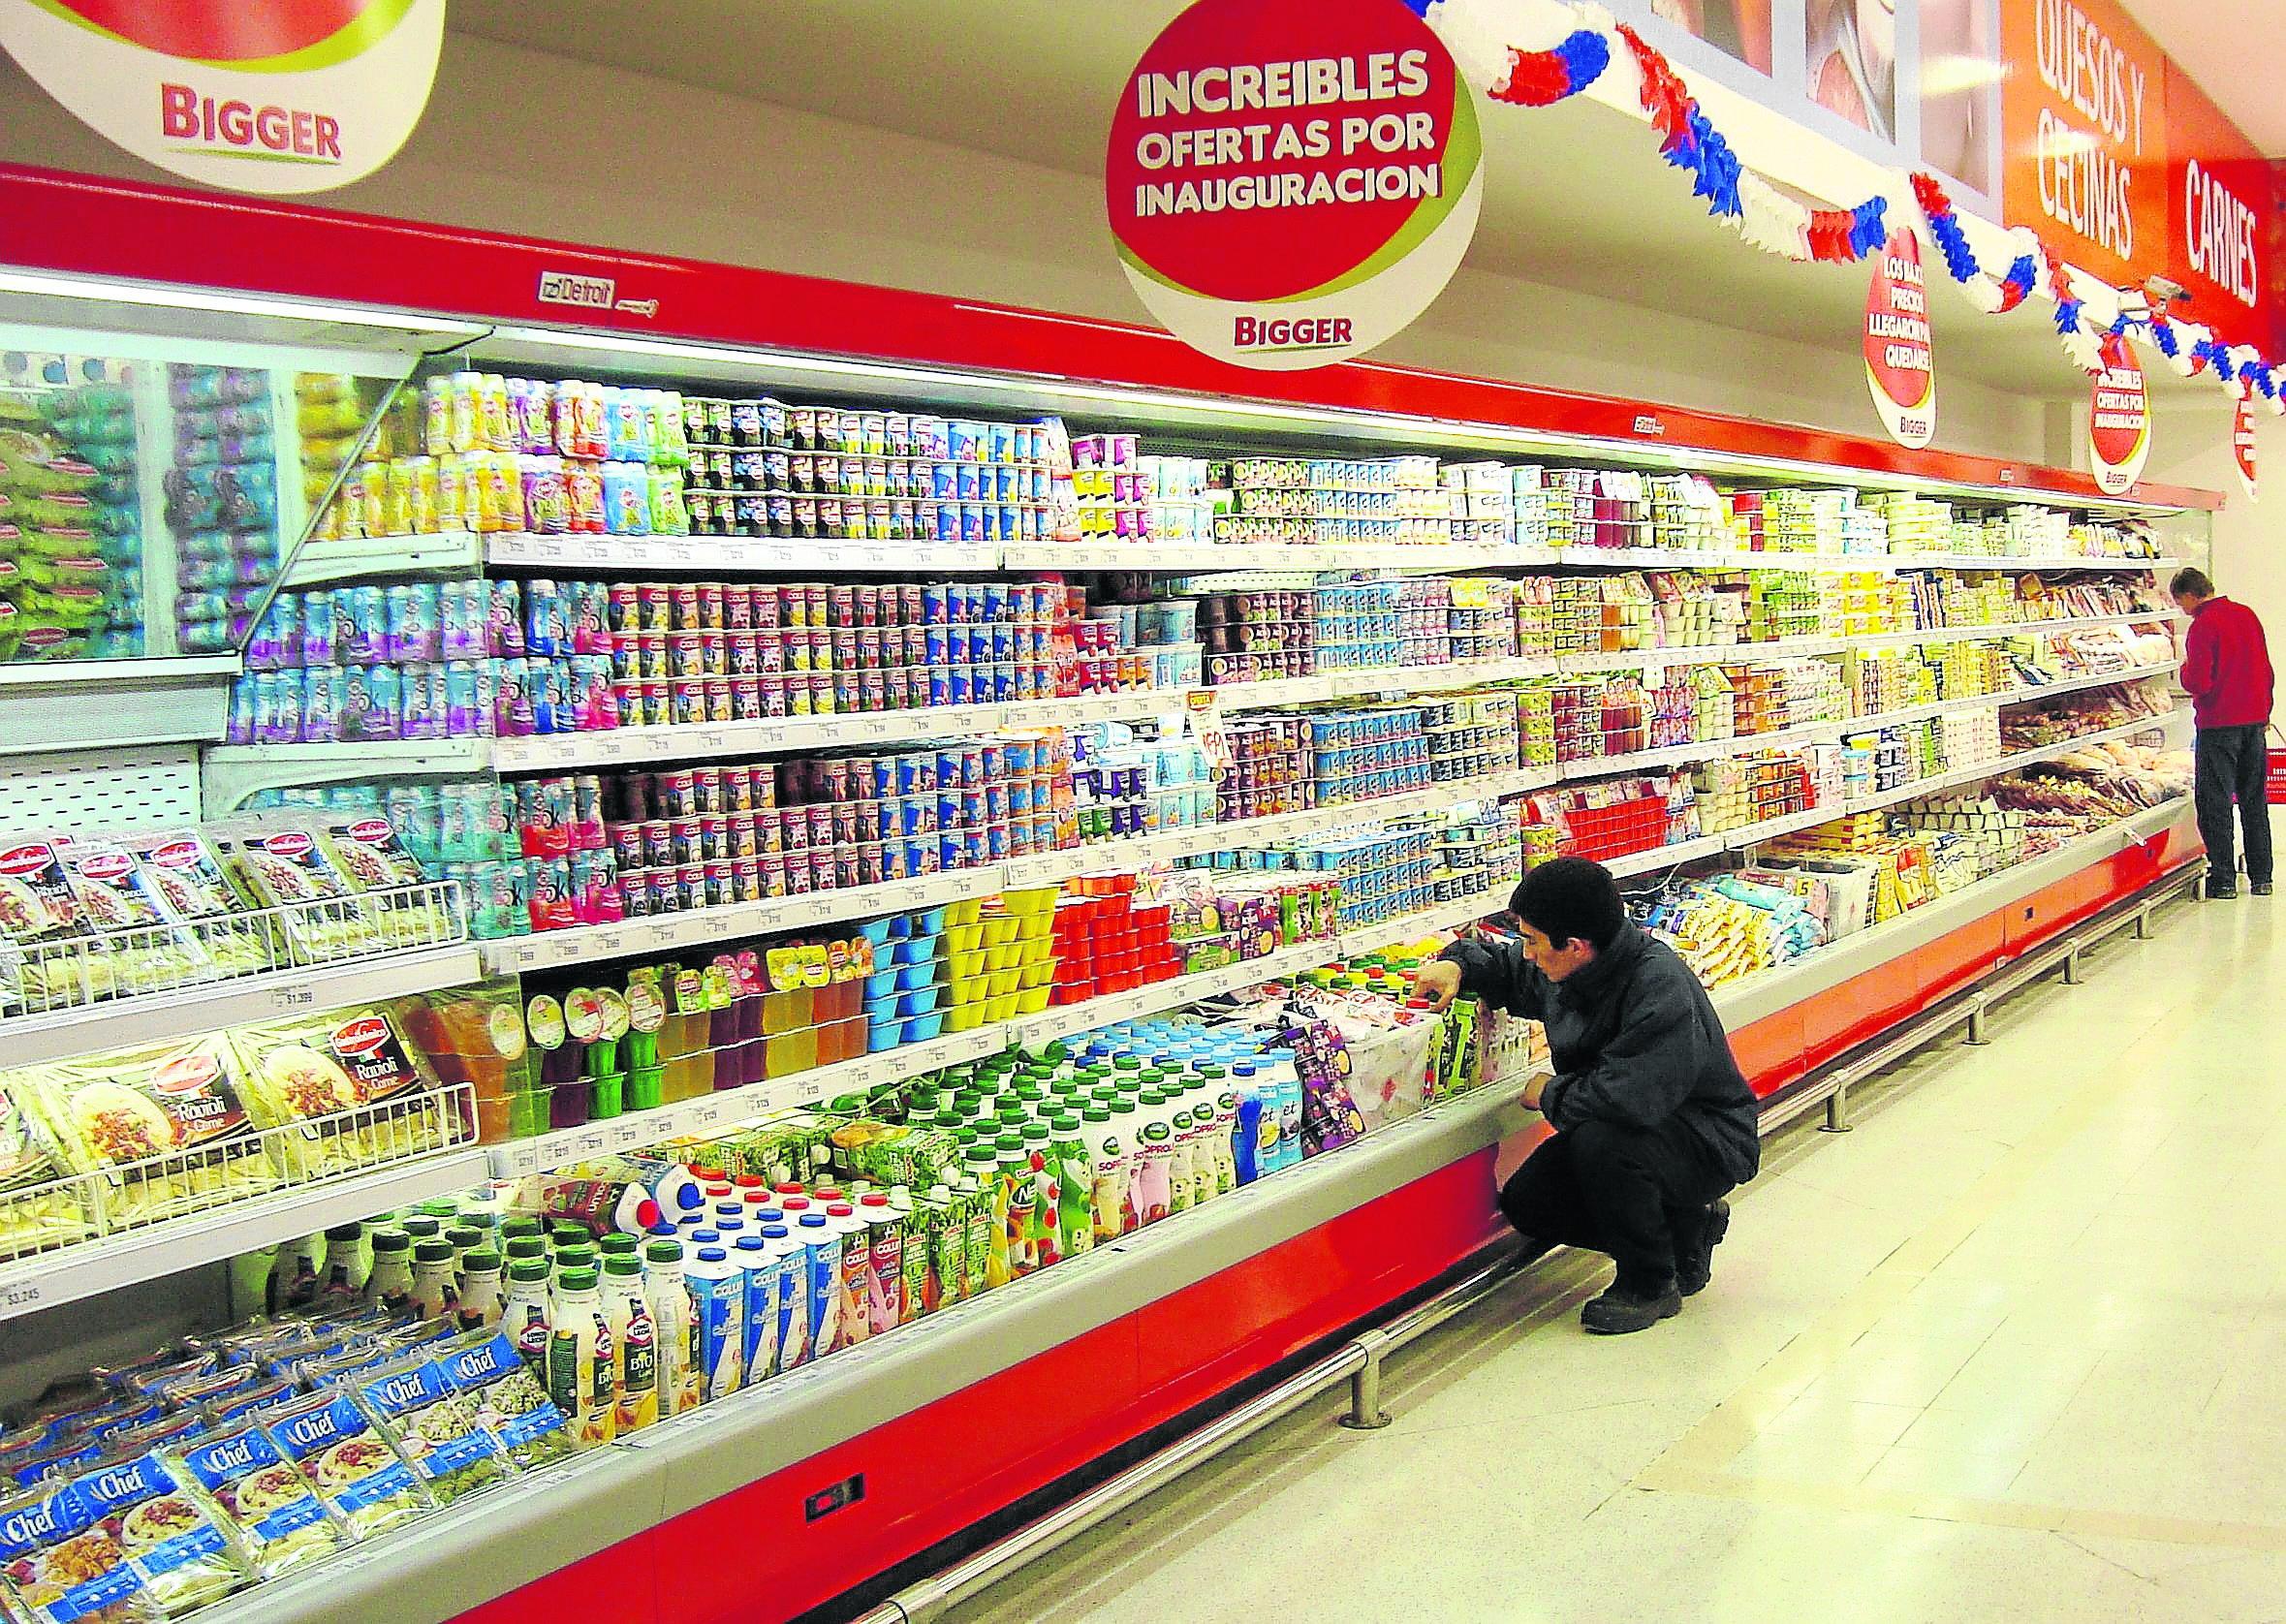 Oficina del consumidor advierte que usuario tiene derecho for Oficina del consumidor valladolid